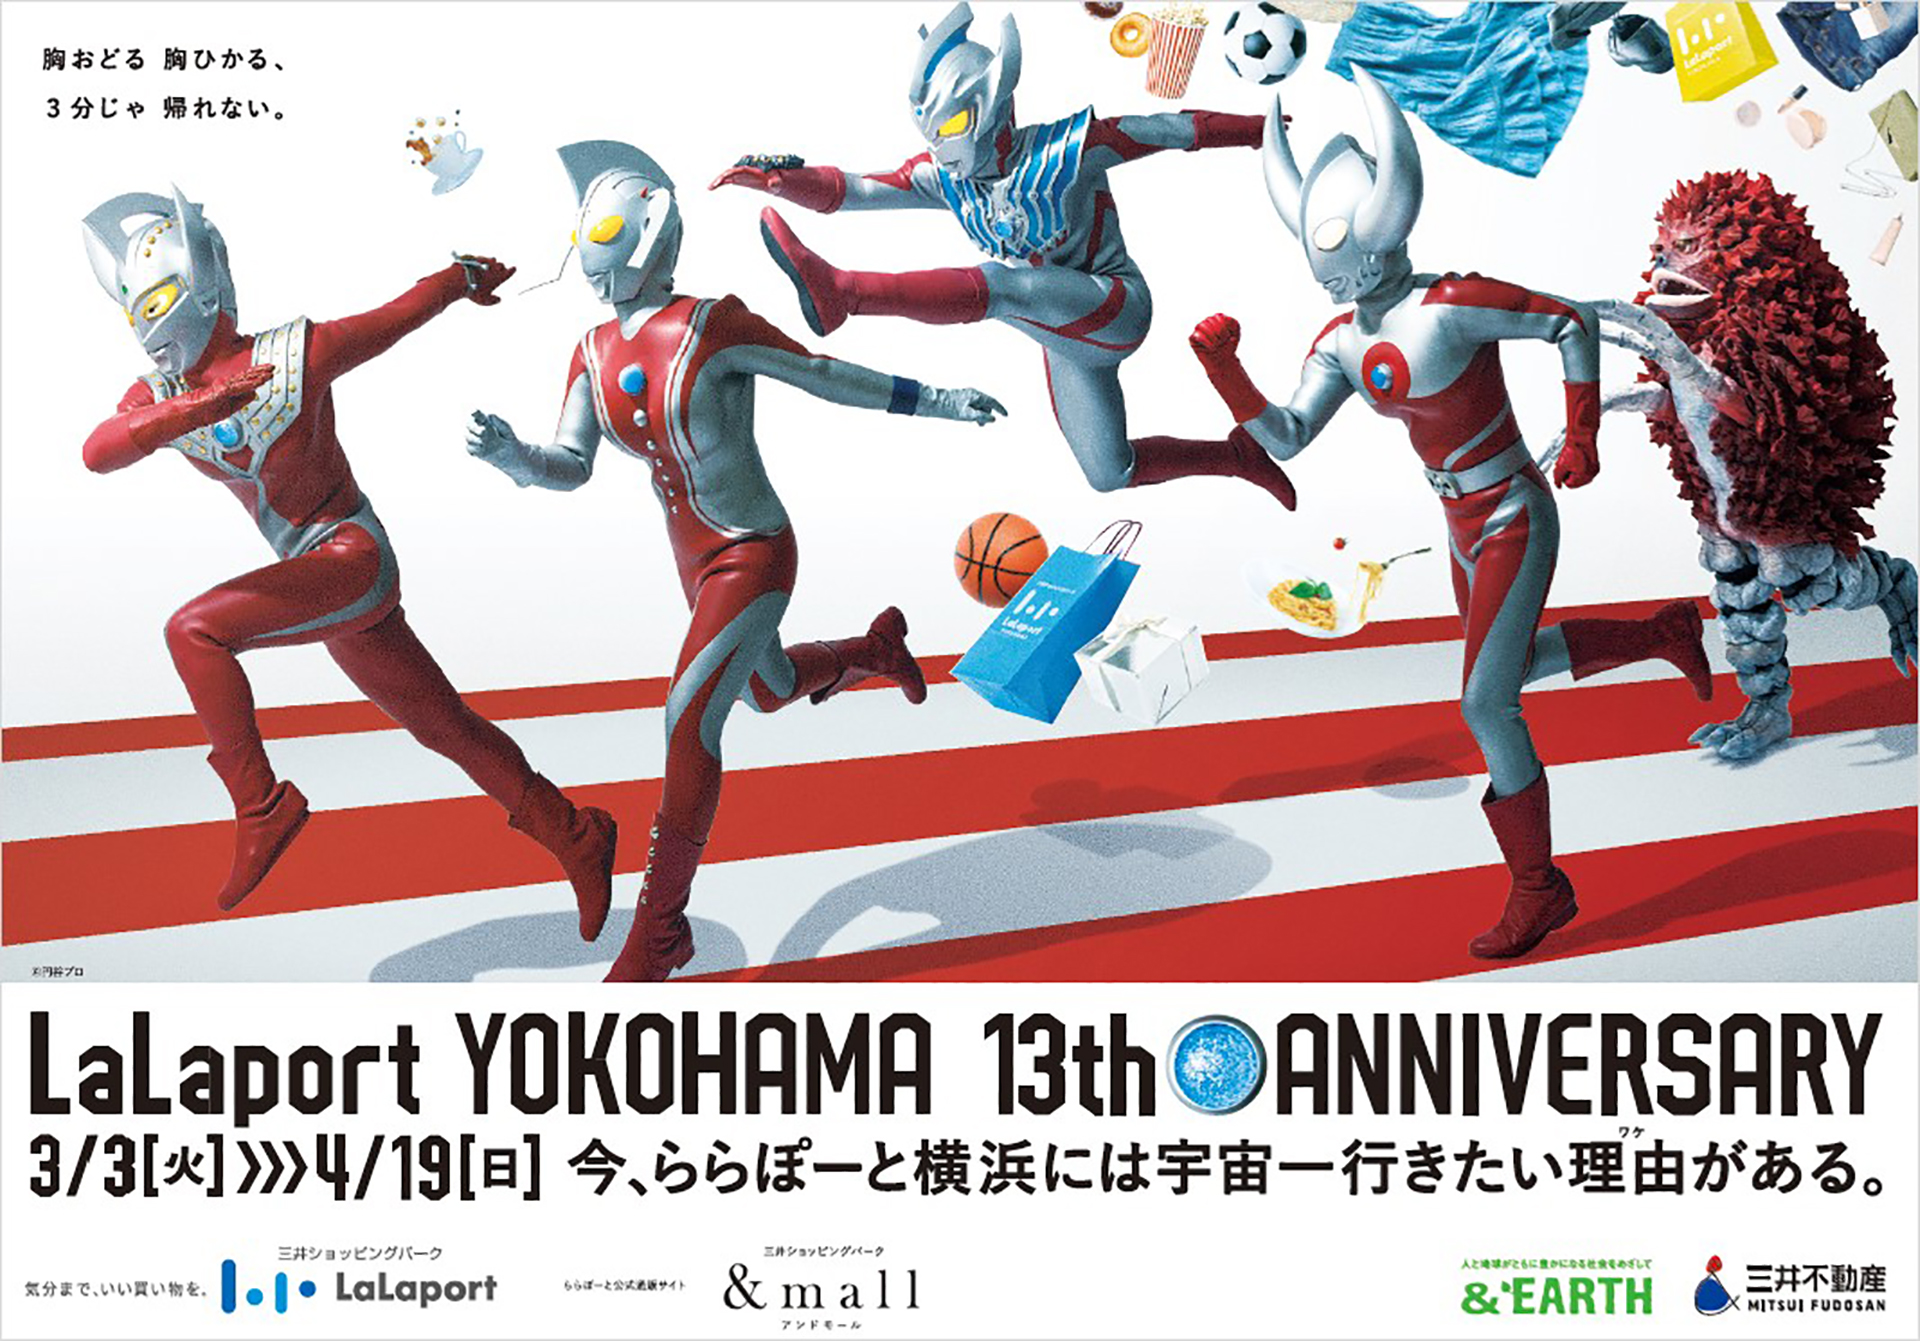 ららぽーと横浜13周年記念イベント